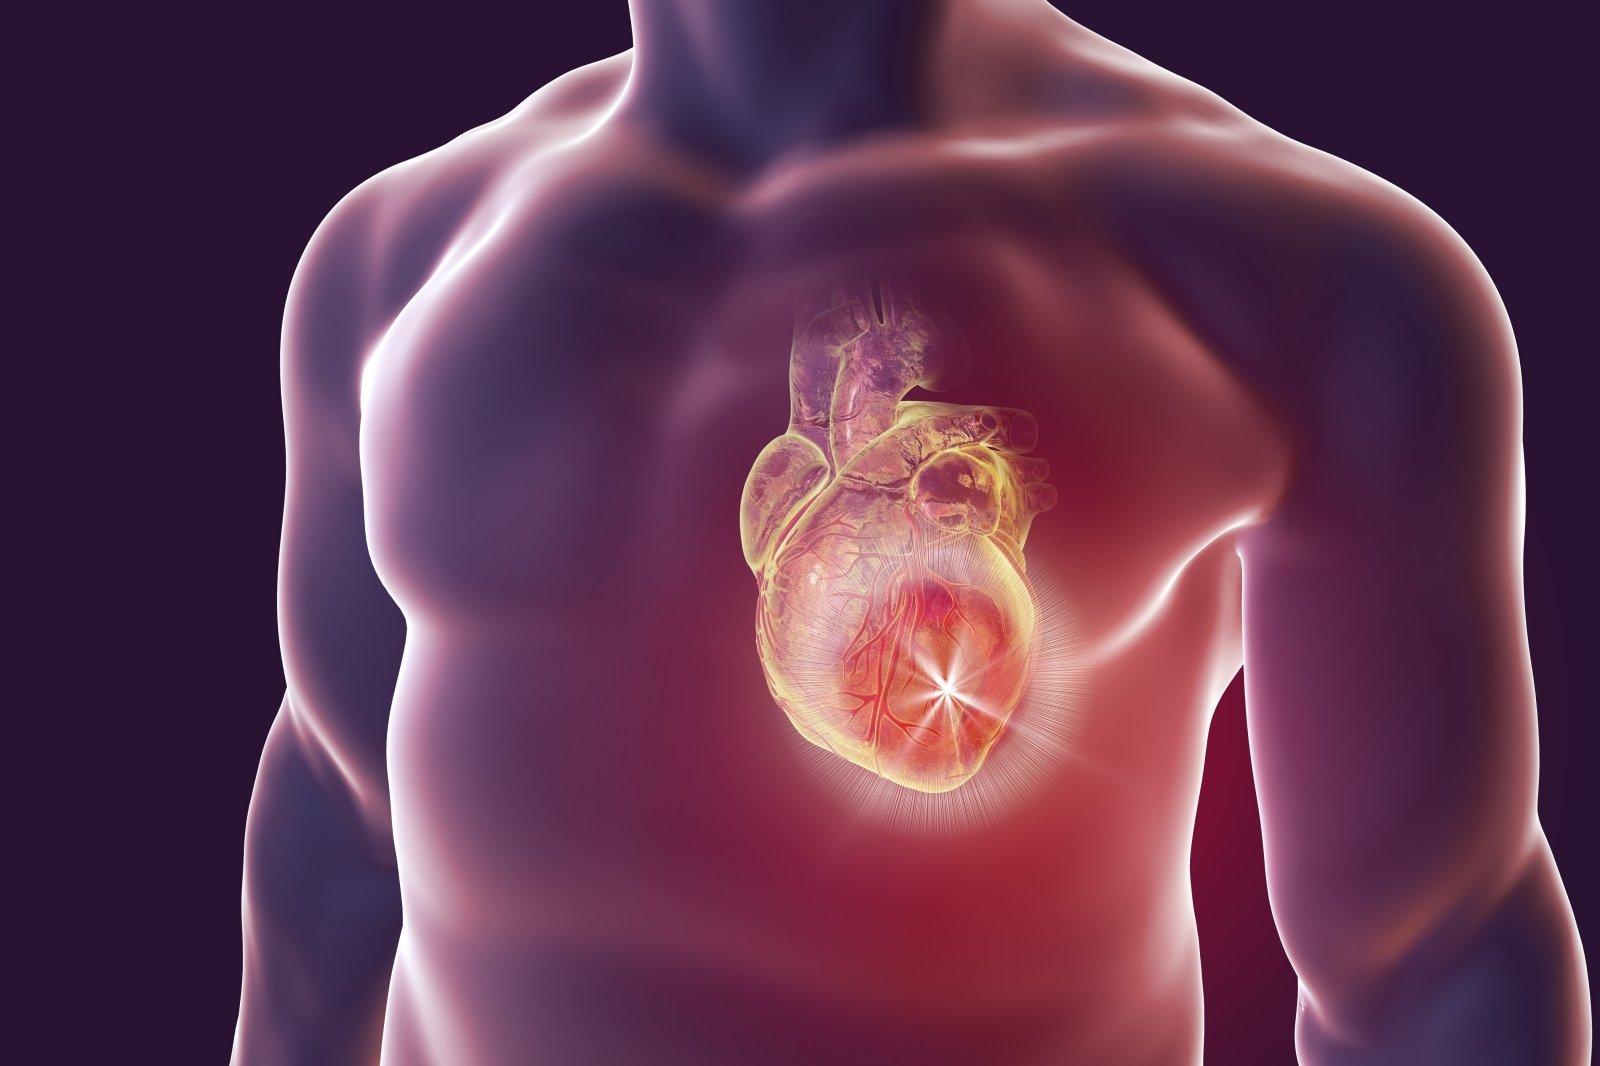 tradicinis hipertenzijos gydymo metodas klimakterinis sindromas ir hipertenzija